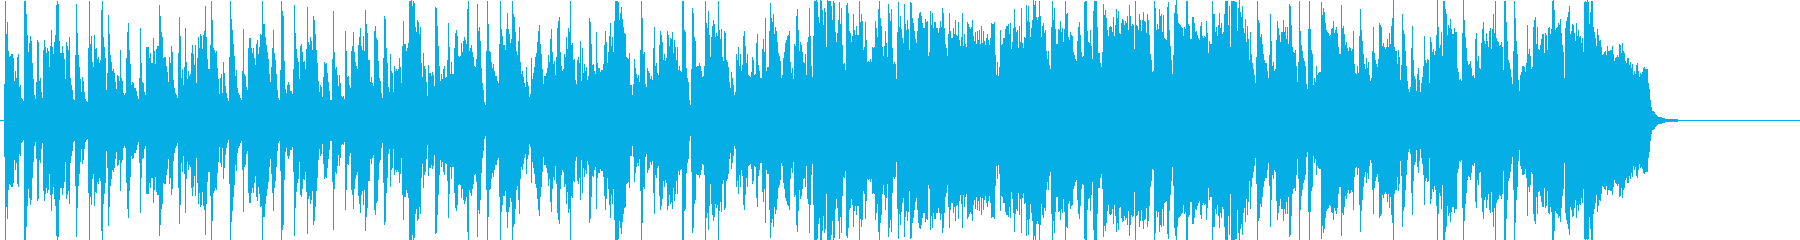 オープニング テーマ 軽快 はつらつの再生済みの波形